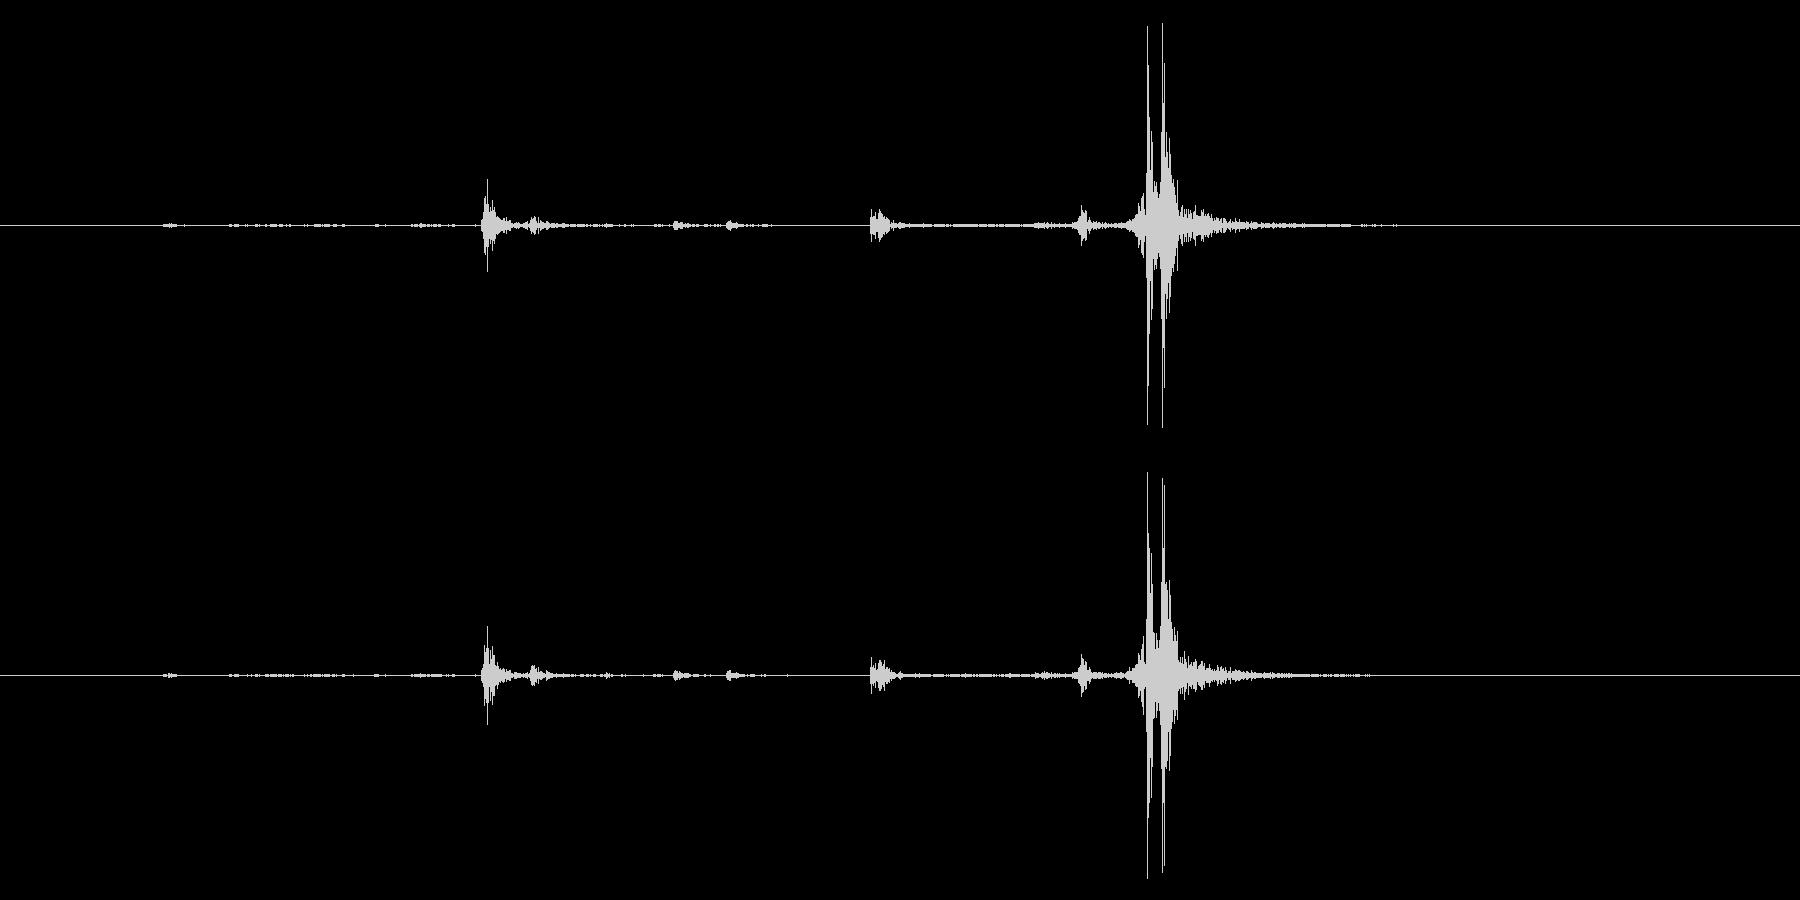 小口径ライフル:ボルトアクション:...の未再生の波形